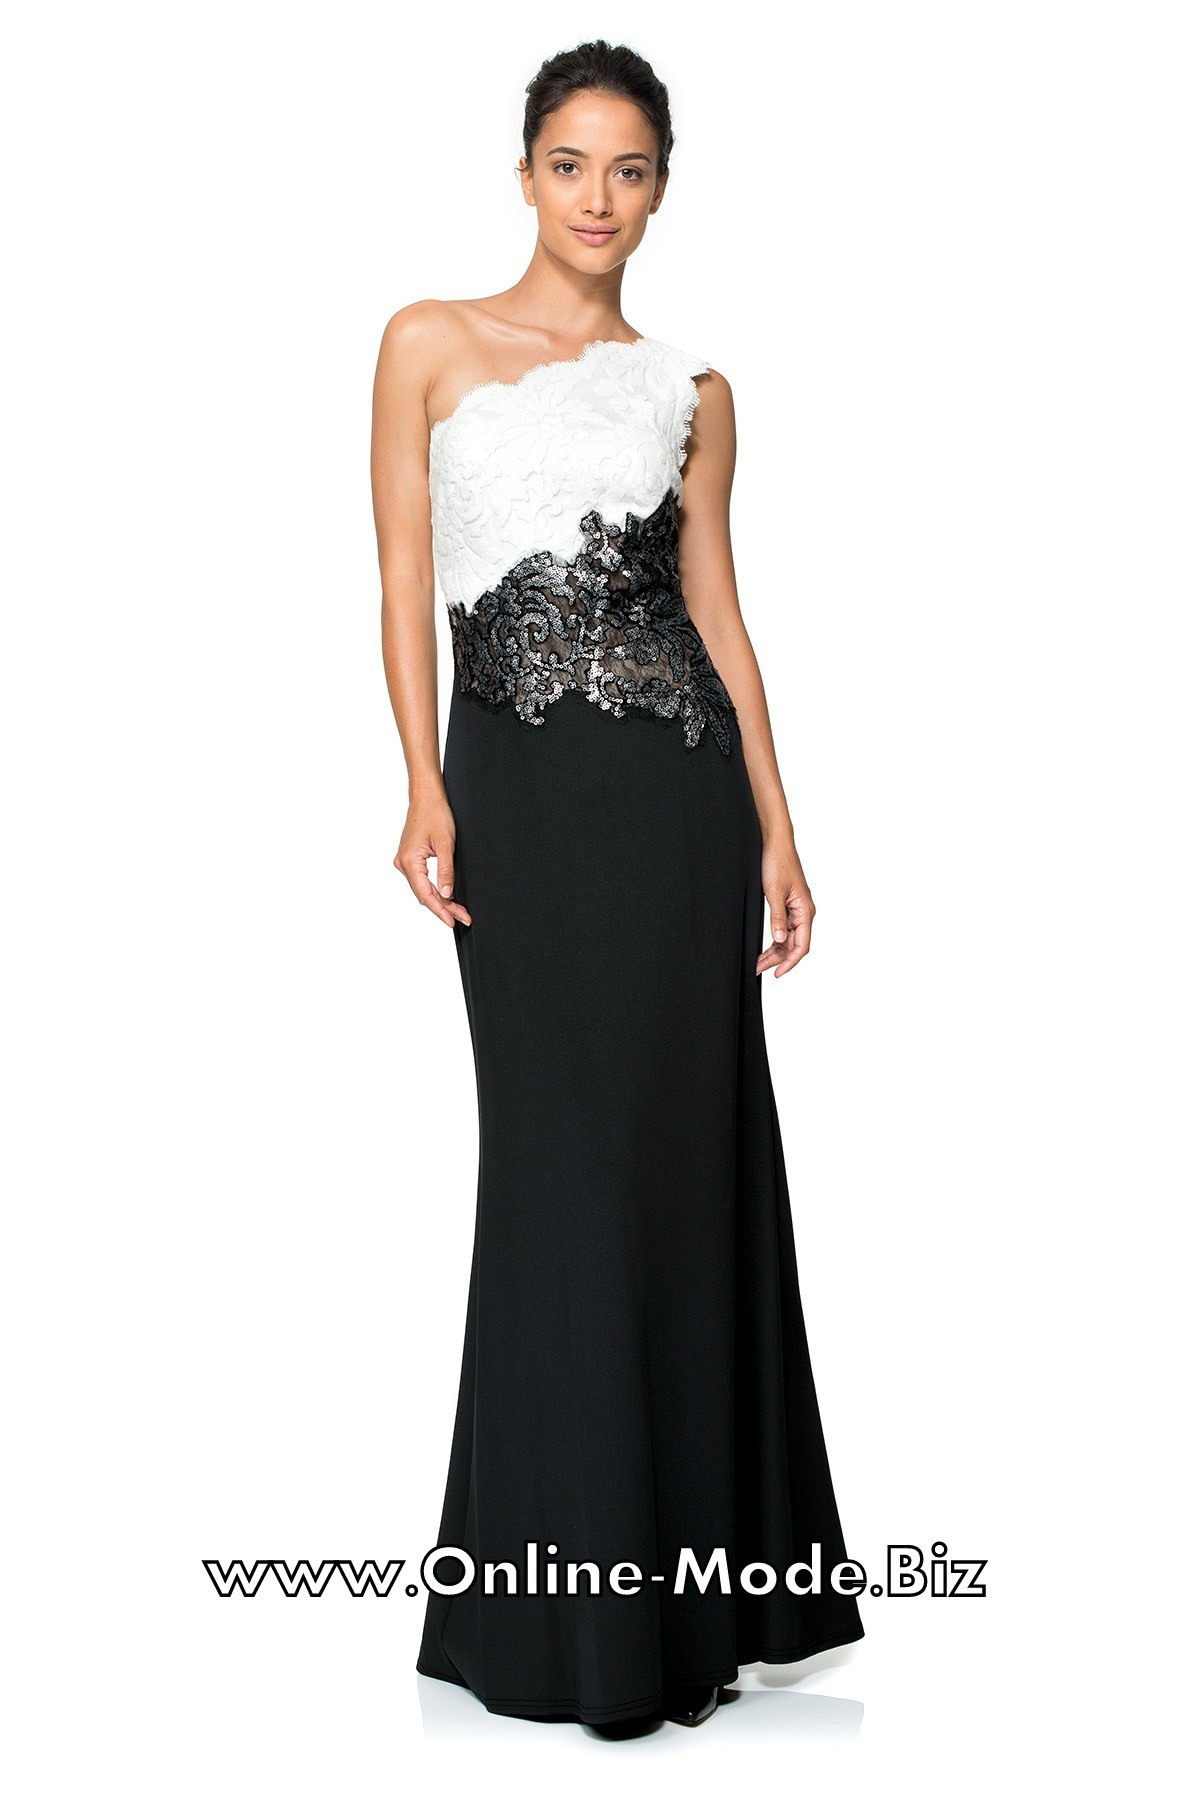 Spektakulär Abendkleid 46 Spezialgebiet17 Fantastisch Abendkleid 46 Galerie